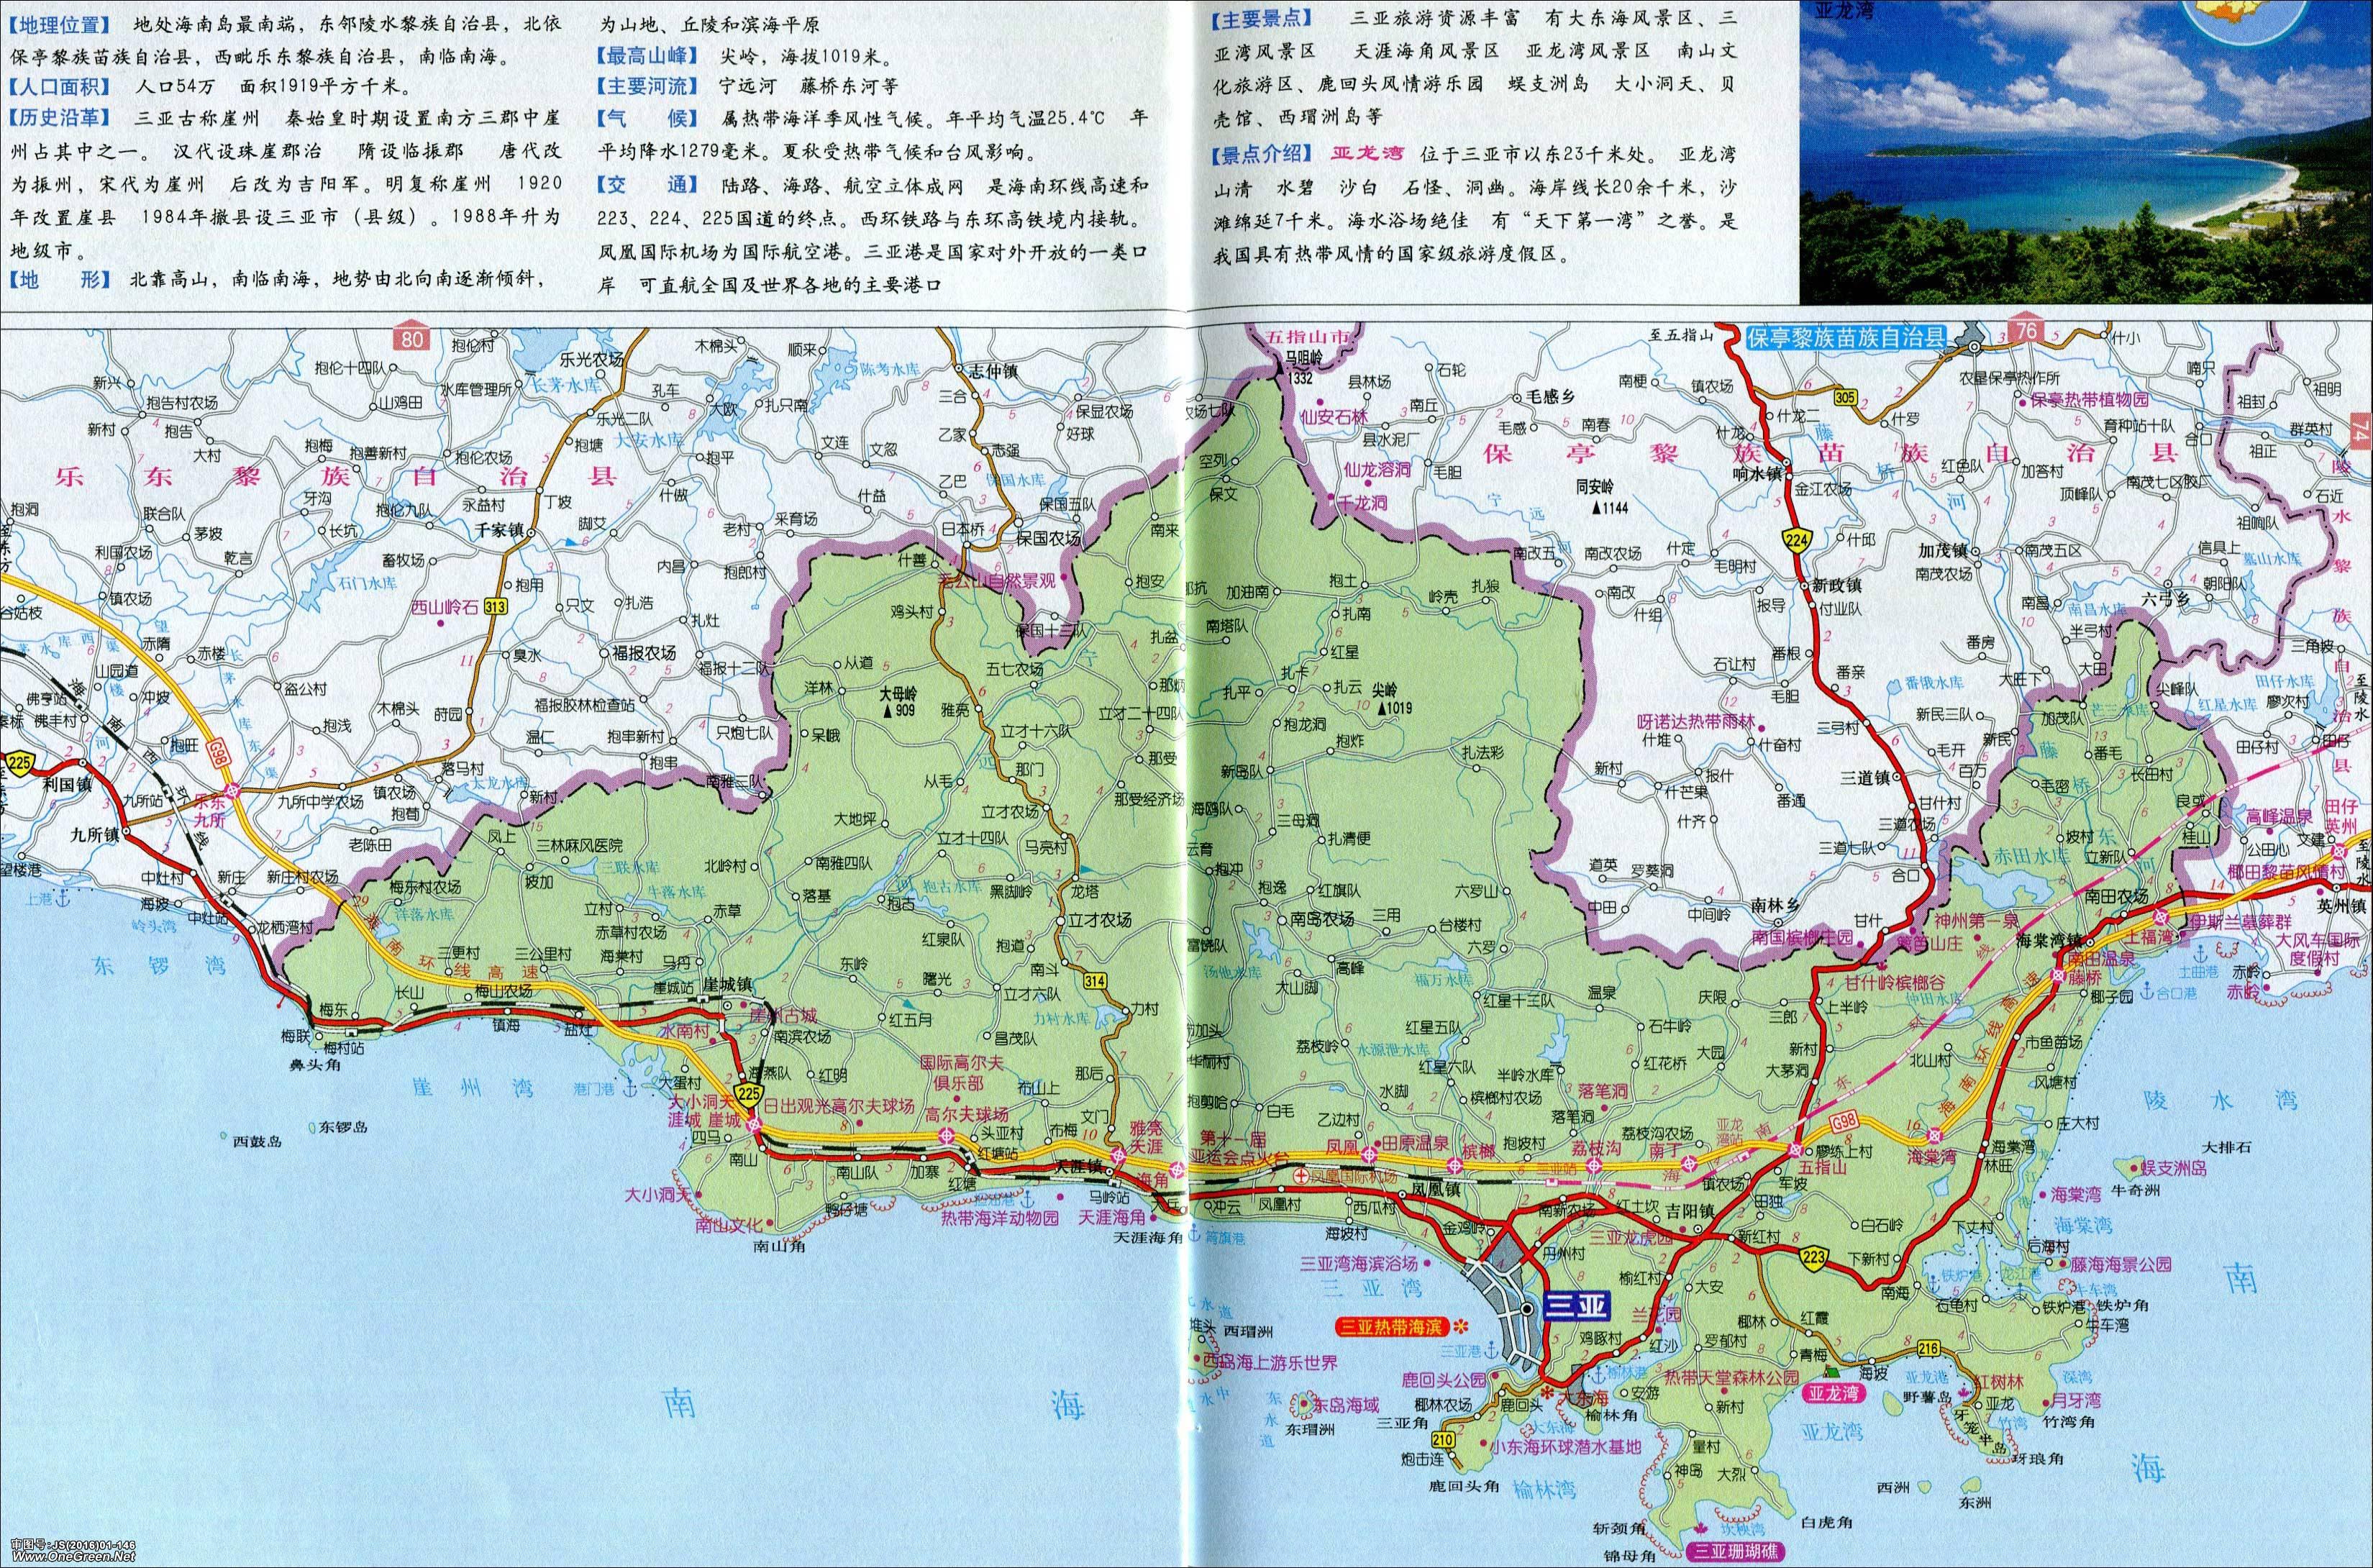 地图库 中国地图 海南 三亚 >> 三亚市区高清全图    世界各国 | 中国